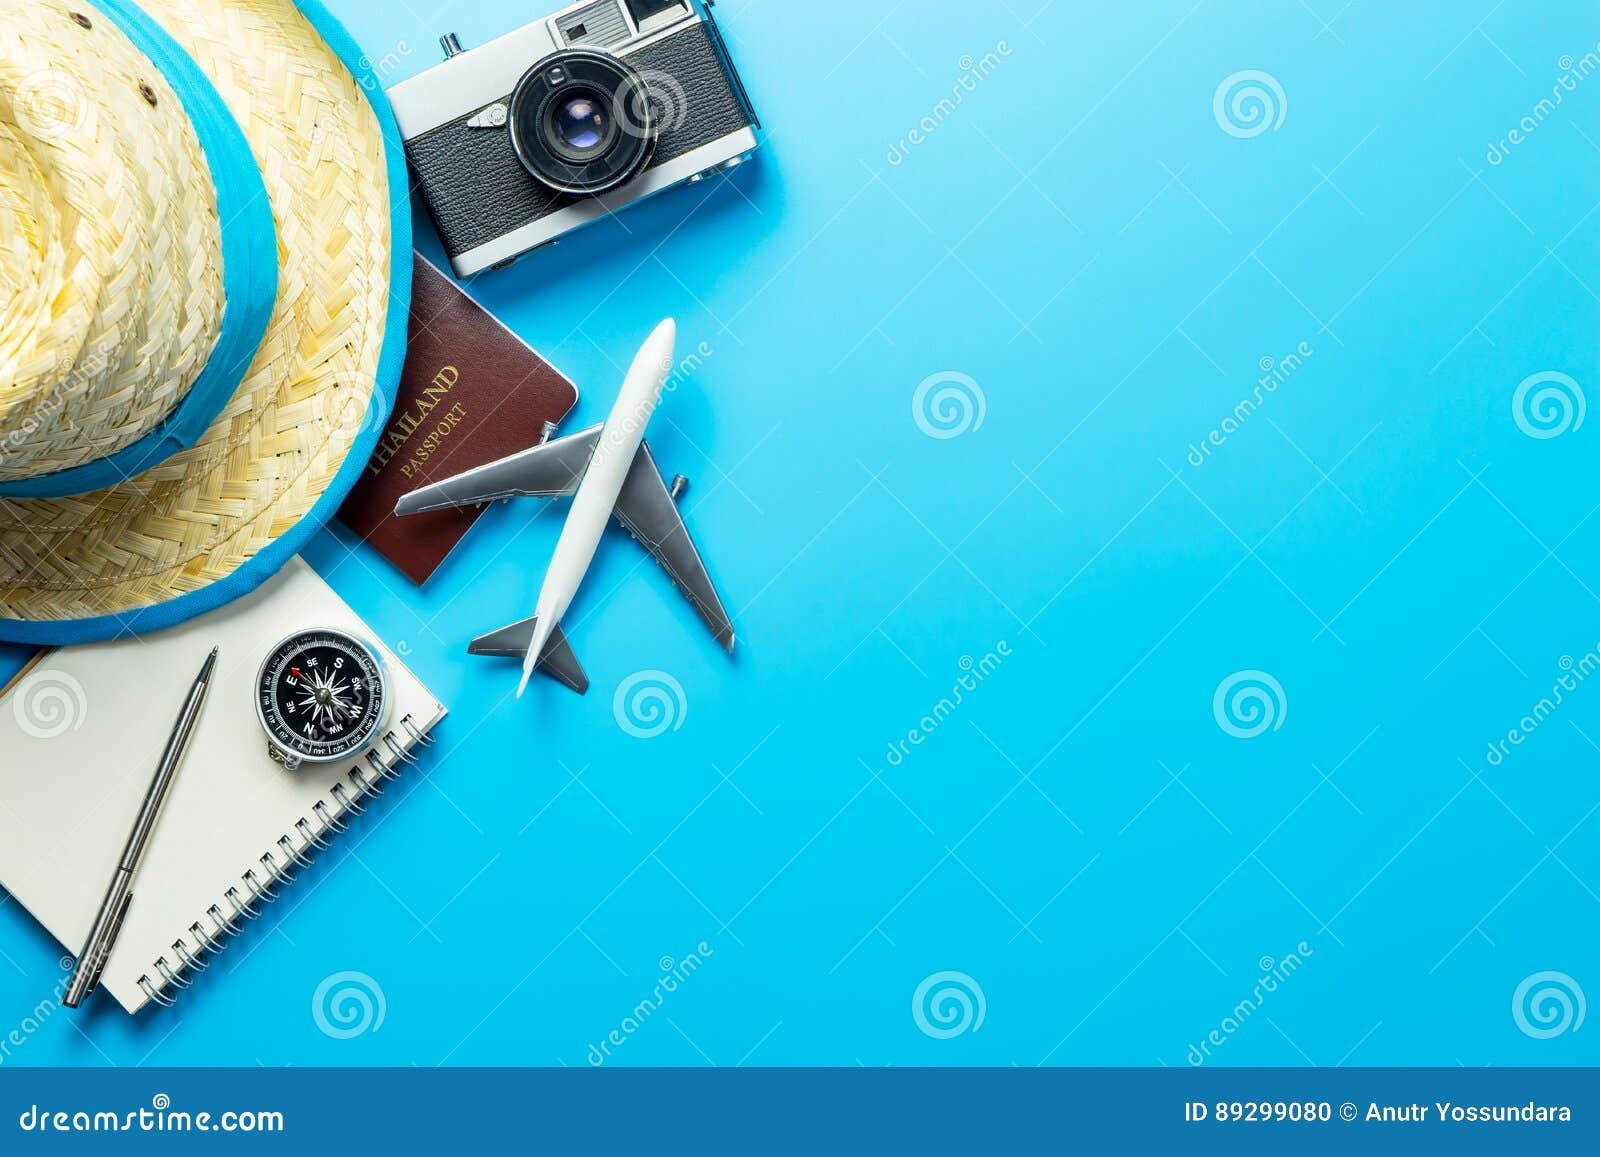 夏天旅行在蓝色的博客作者辅助部件